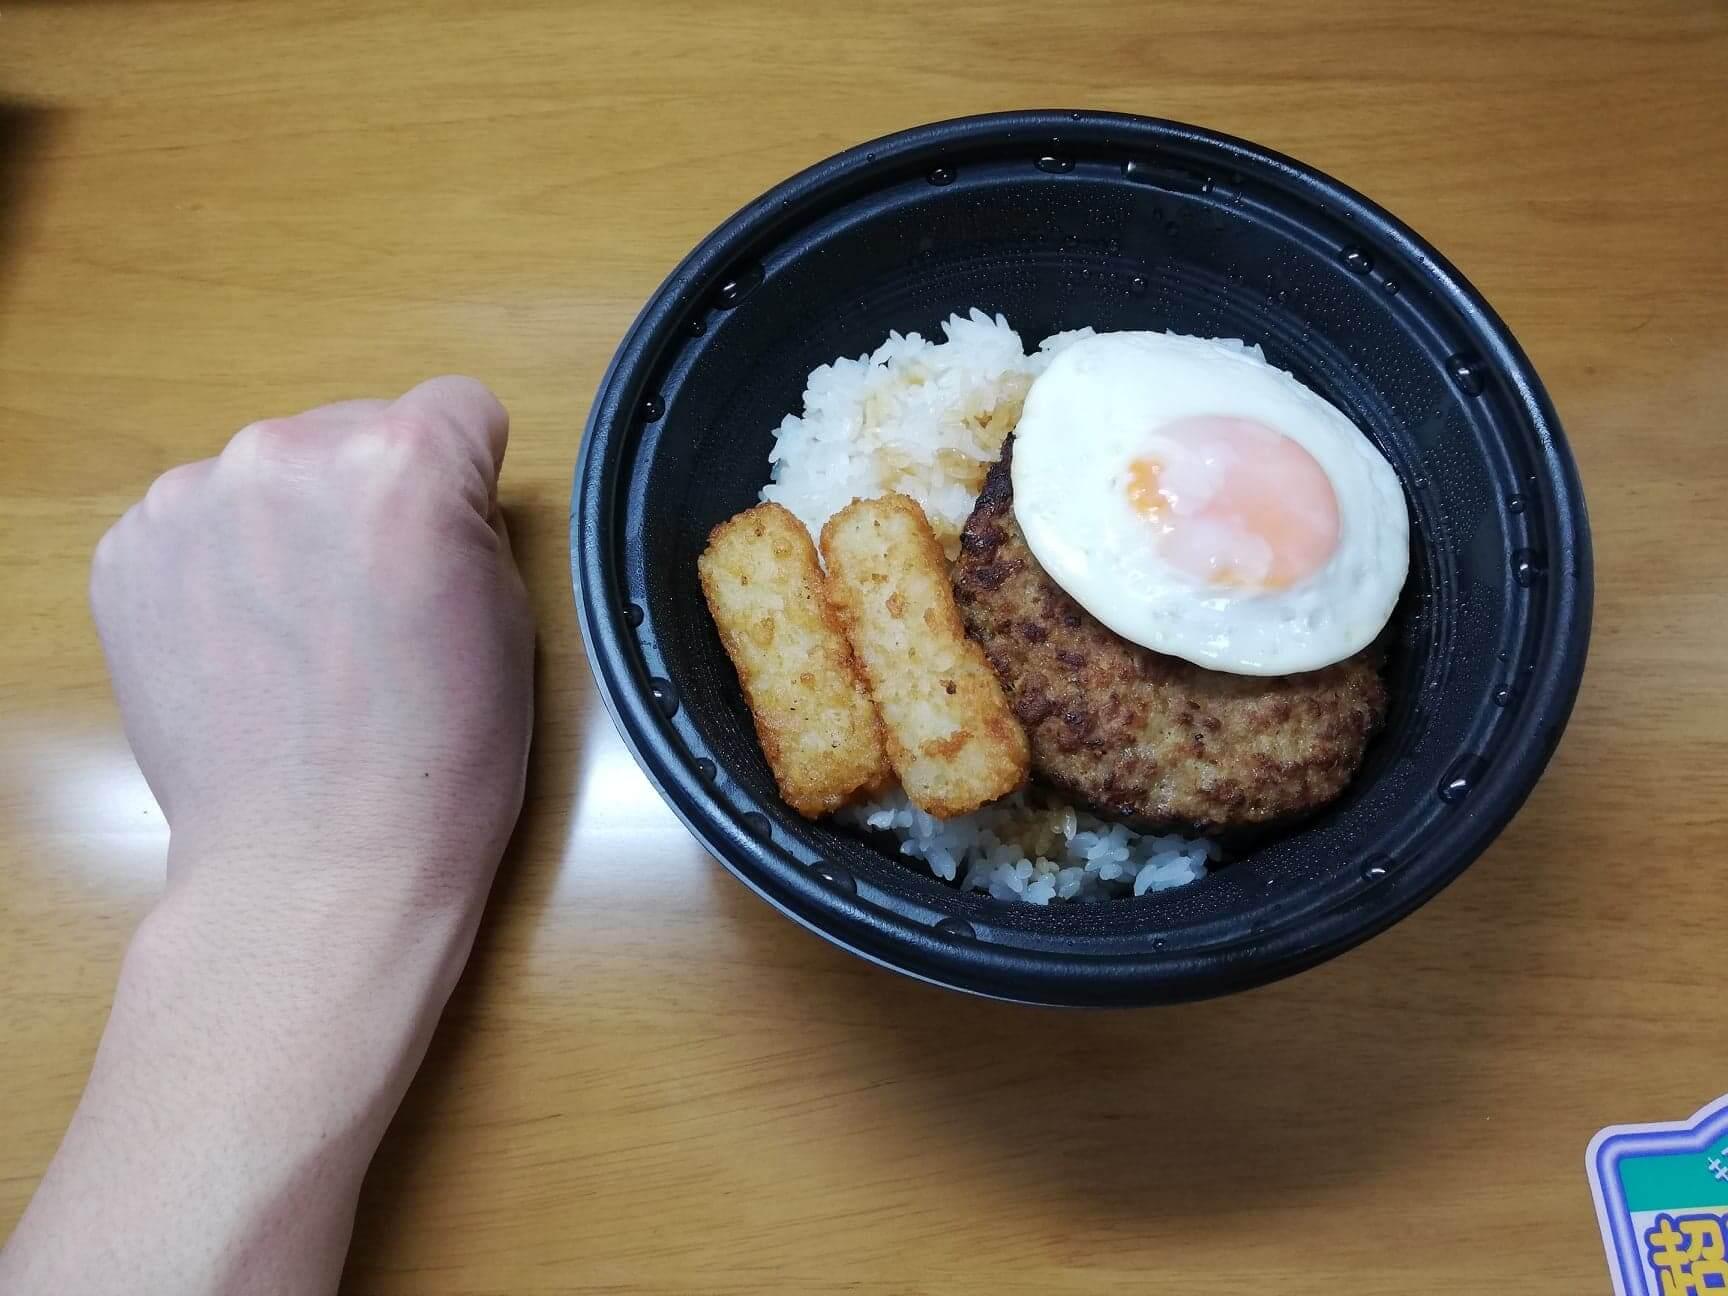 ガストのテイクアウトメニュー『ランチハンバーグロコモコ丼』と拳のサイズ比較写真